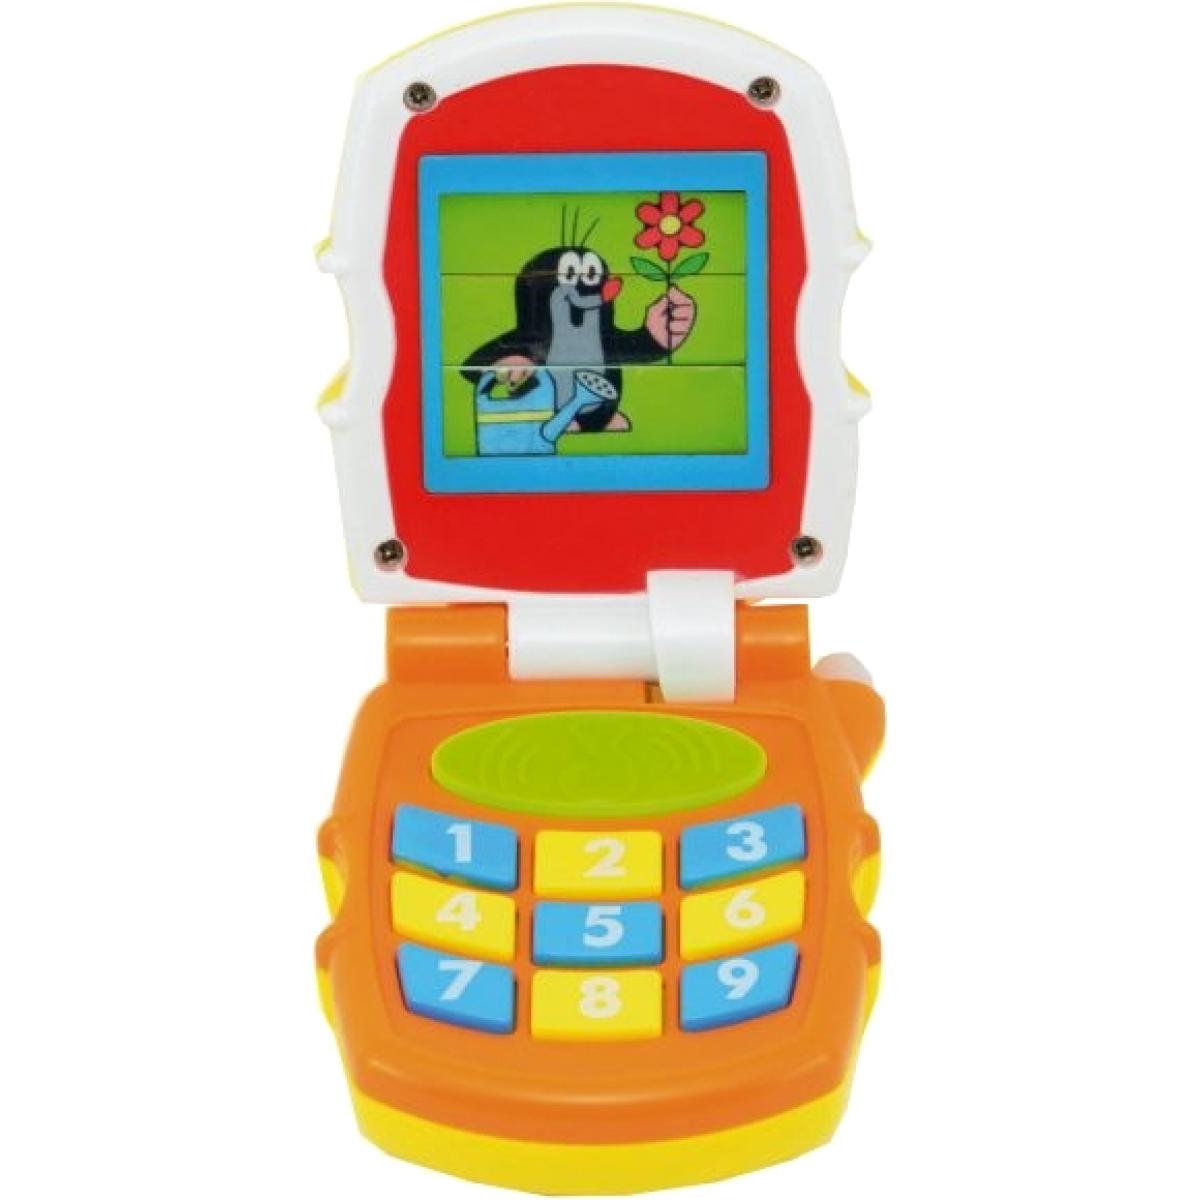 Krtkův mobilní telefon